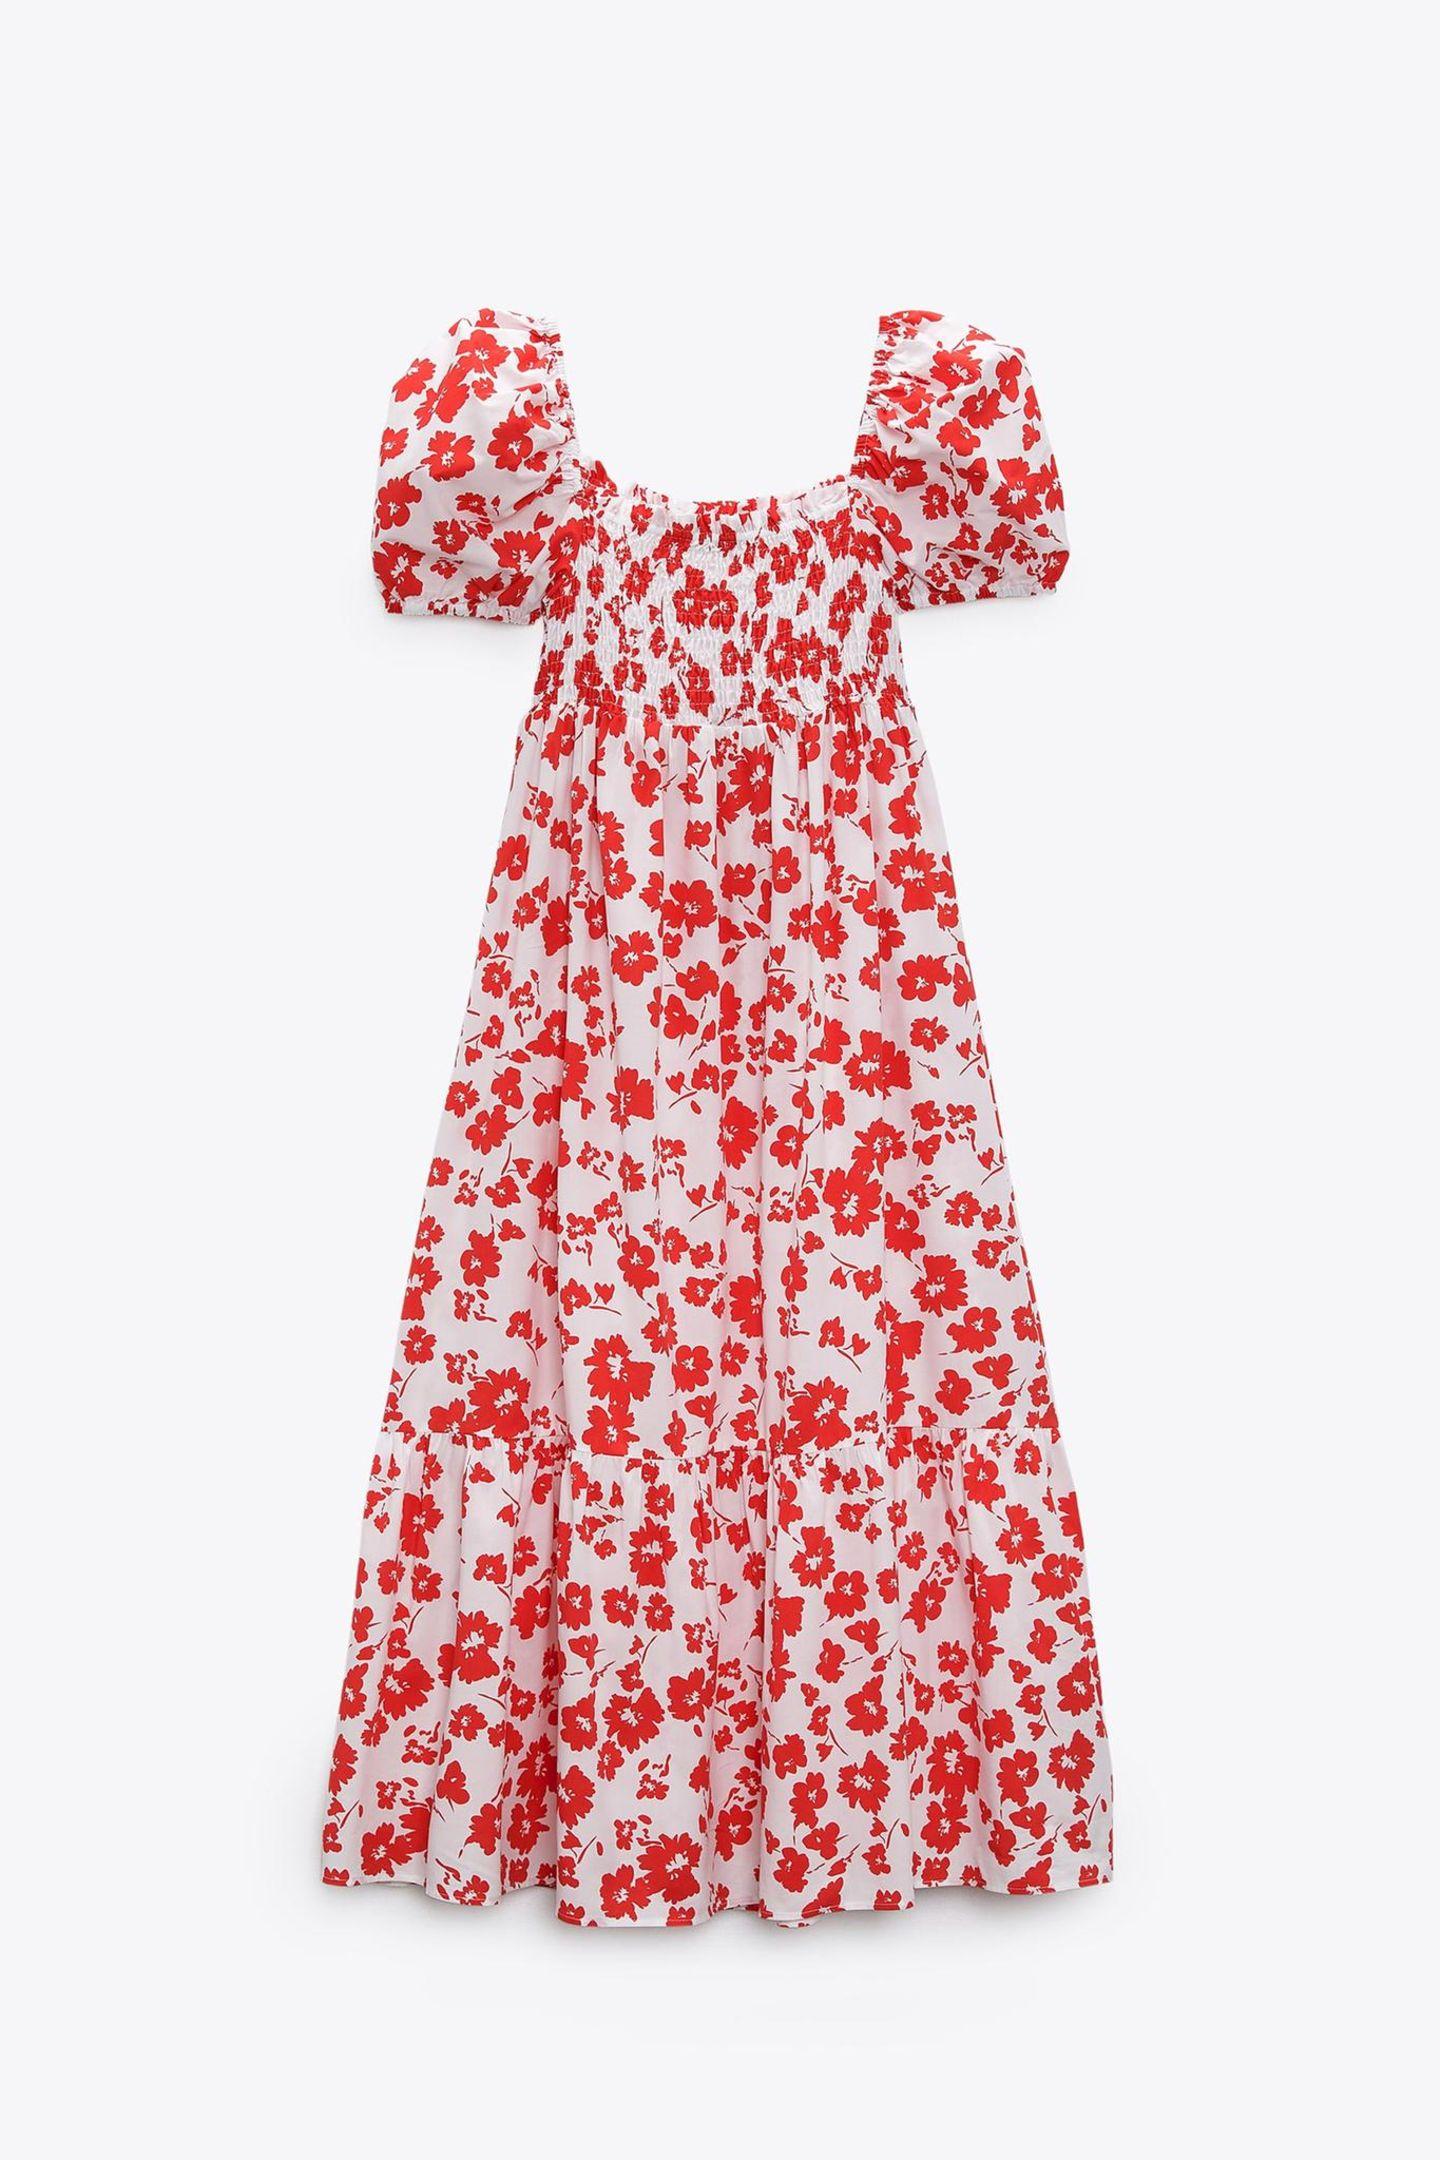 Dieses Kleid lädt zum Träumen ein! Das verspielte Kleid mit floralem Muster ist das perfekte Match für jeden, der es besonders feminin mag. von Zara, ca. 50 Euro